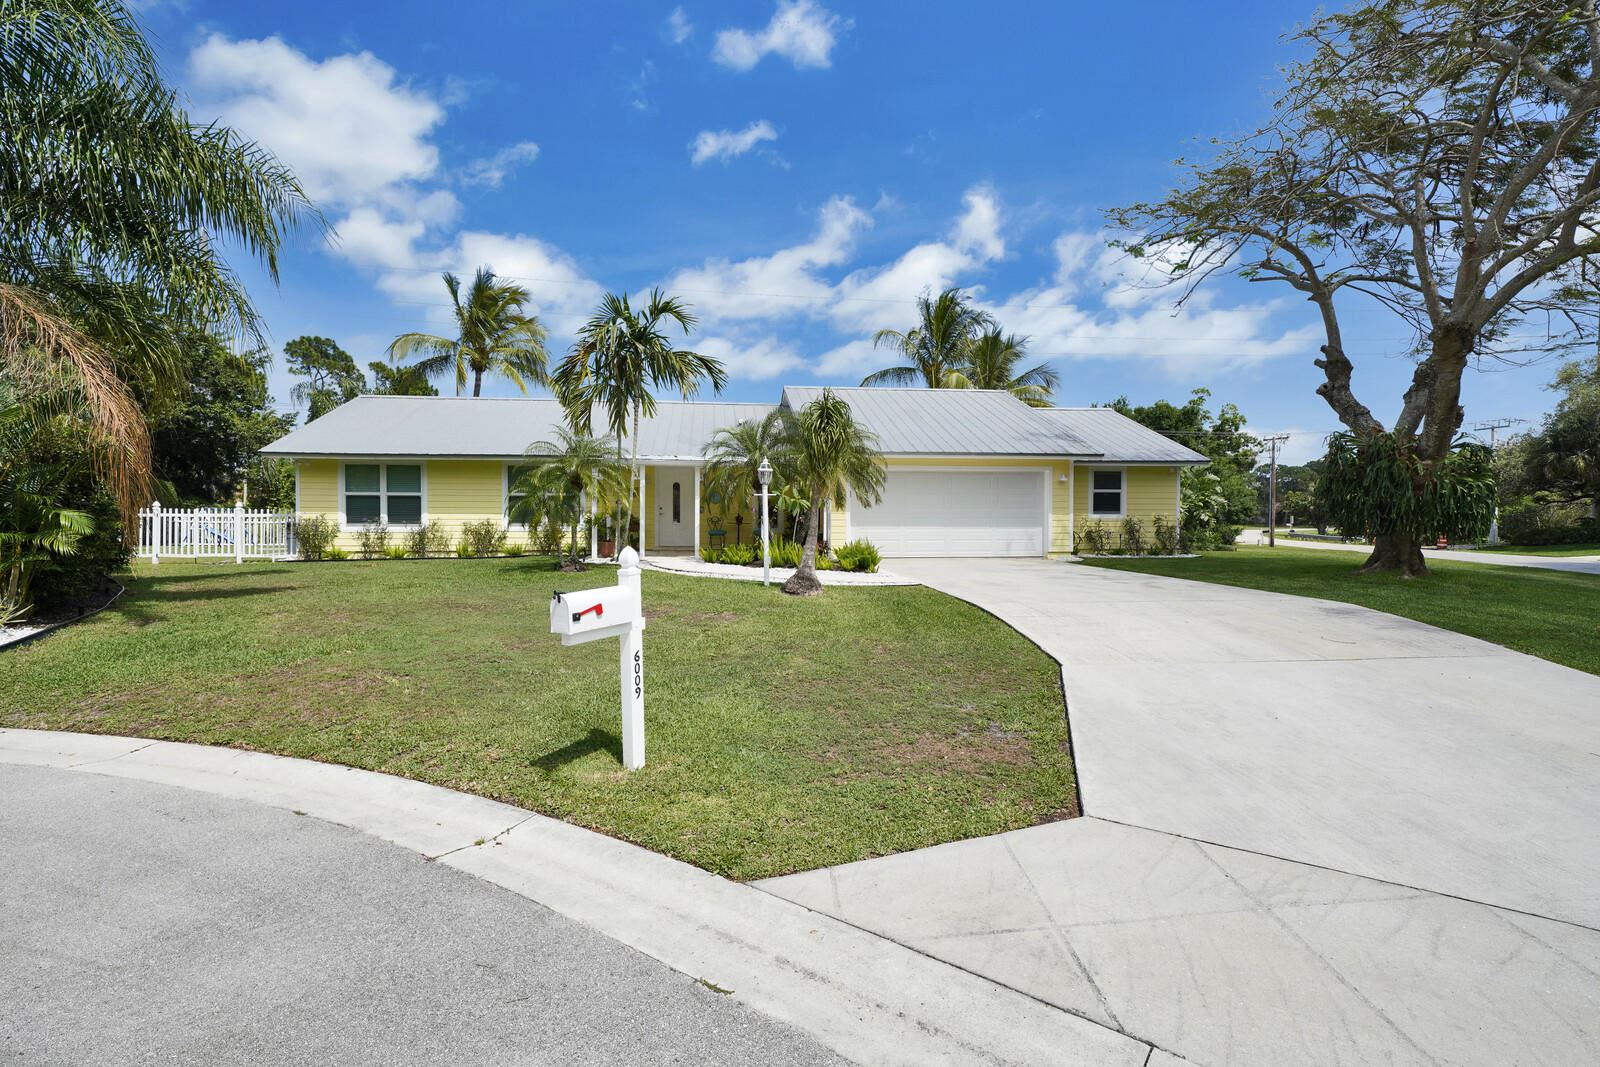 6009 Eagles Nest Drive, Jupiter, FL 33458 - #: RX-10710484